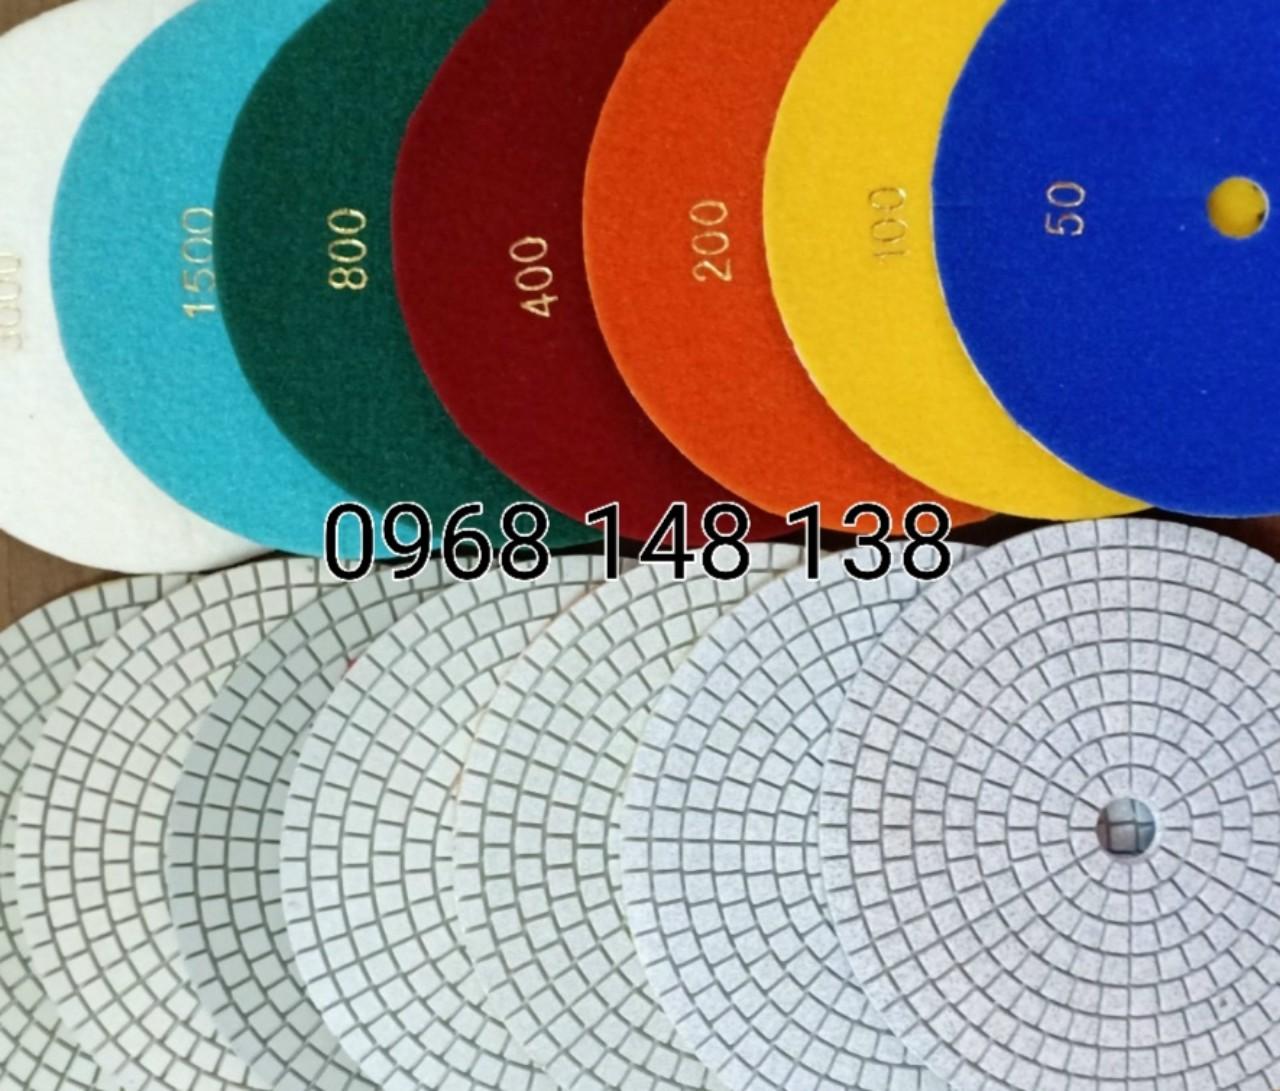 Hình 783: Các cấp độ đĩa nhựa